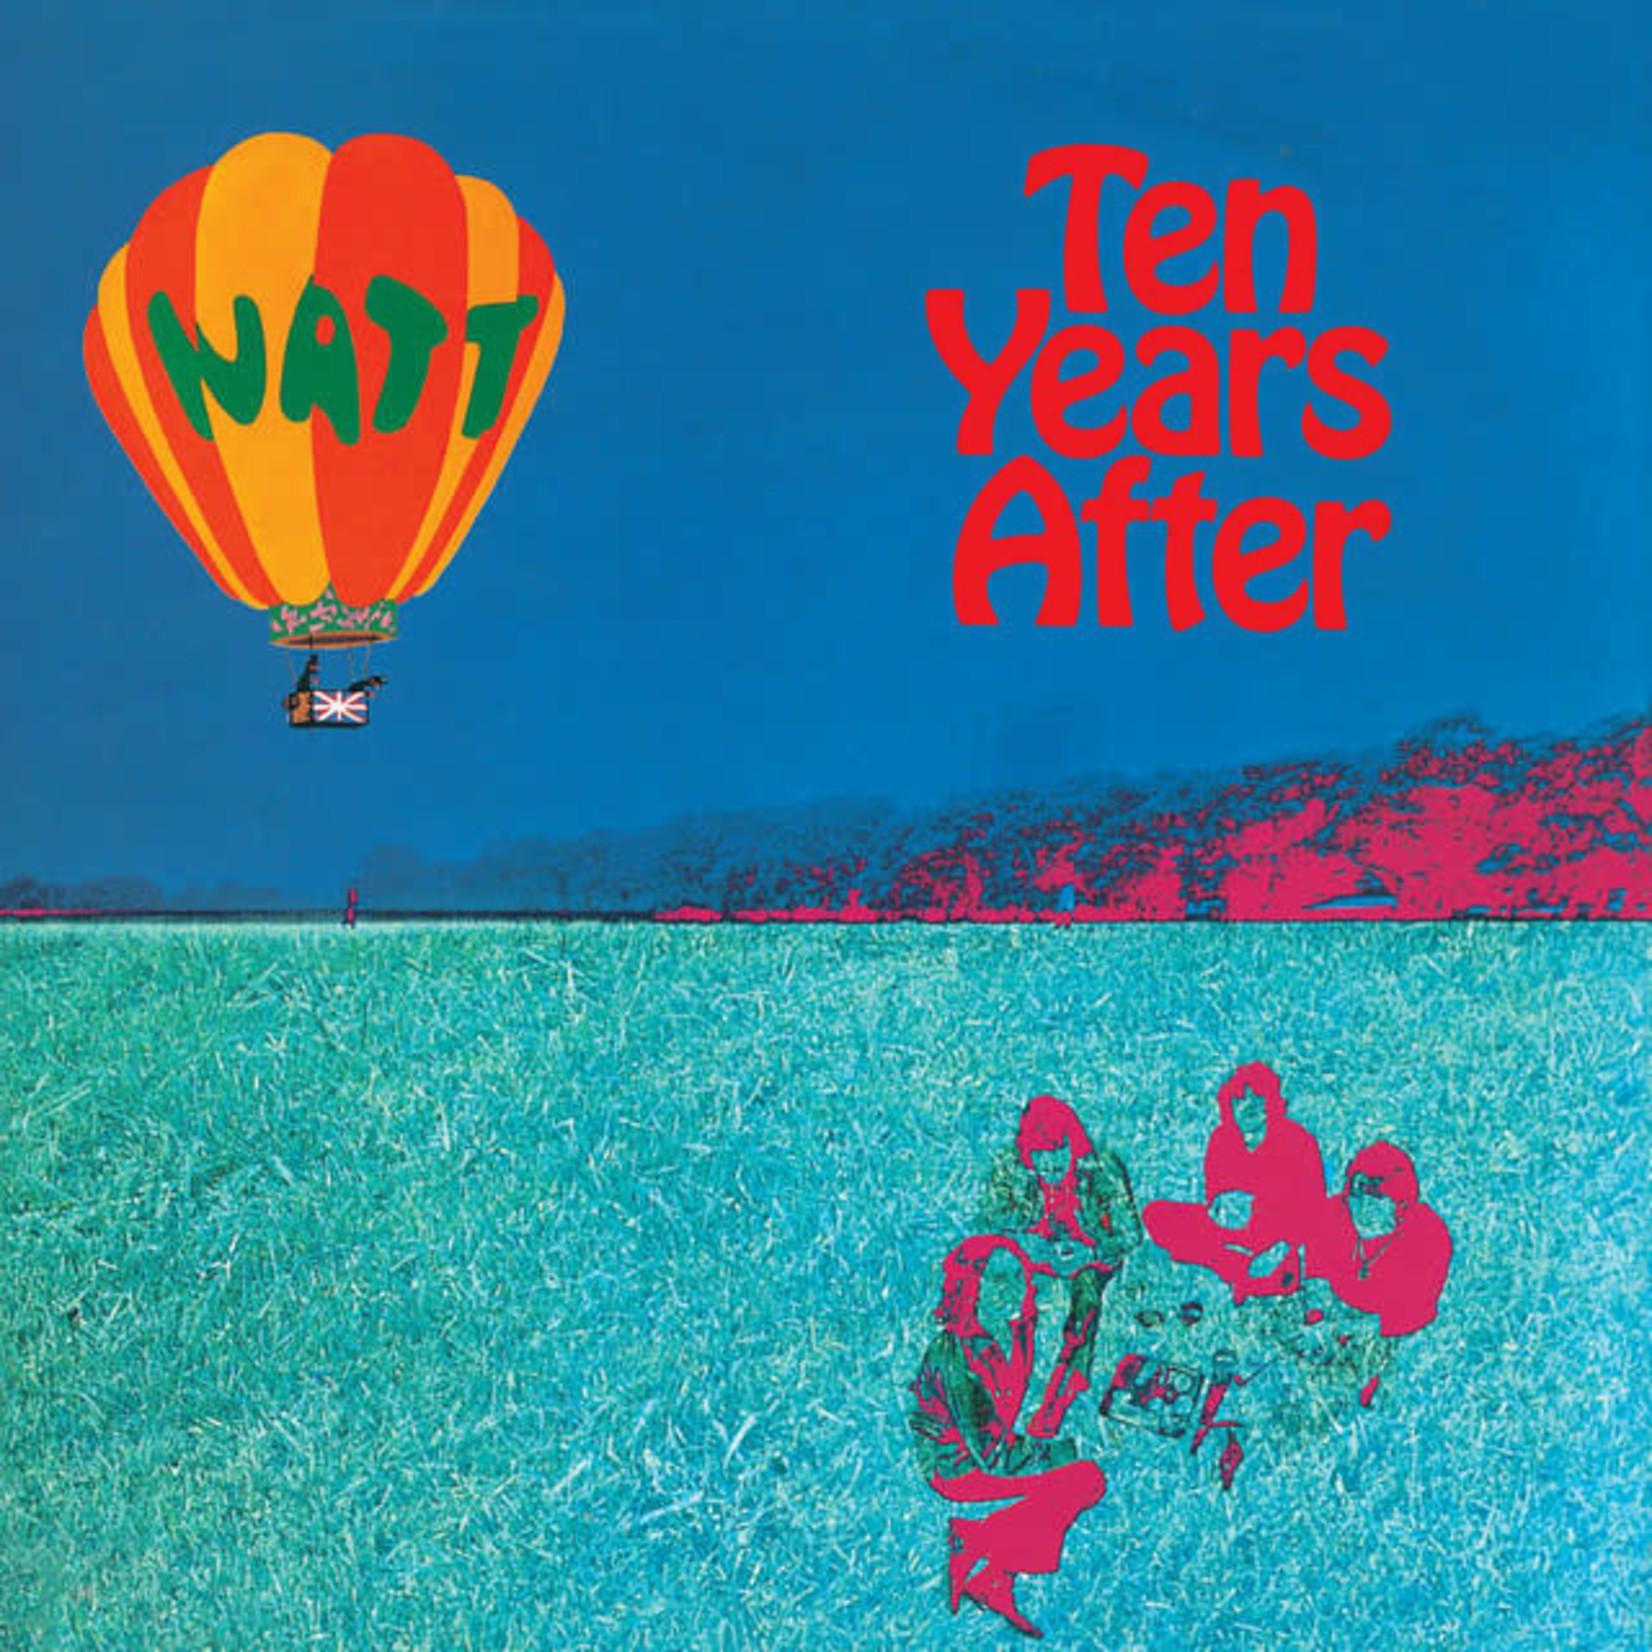 Vinyl Ten Years After - Watt